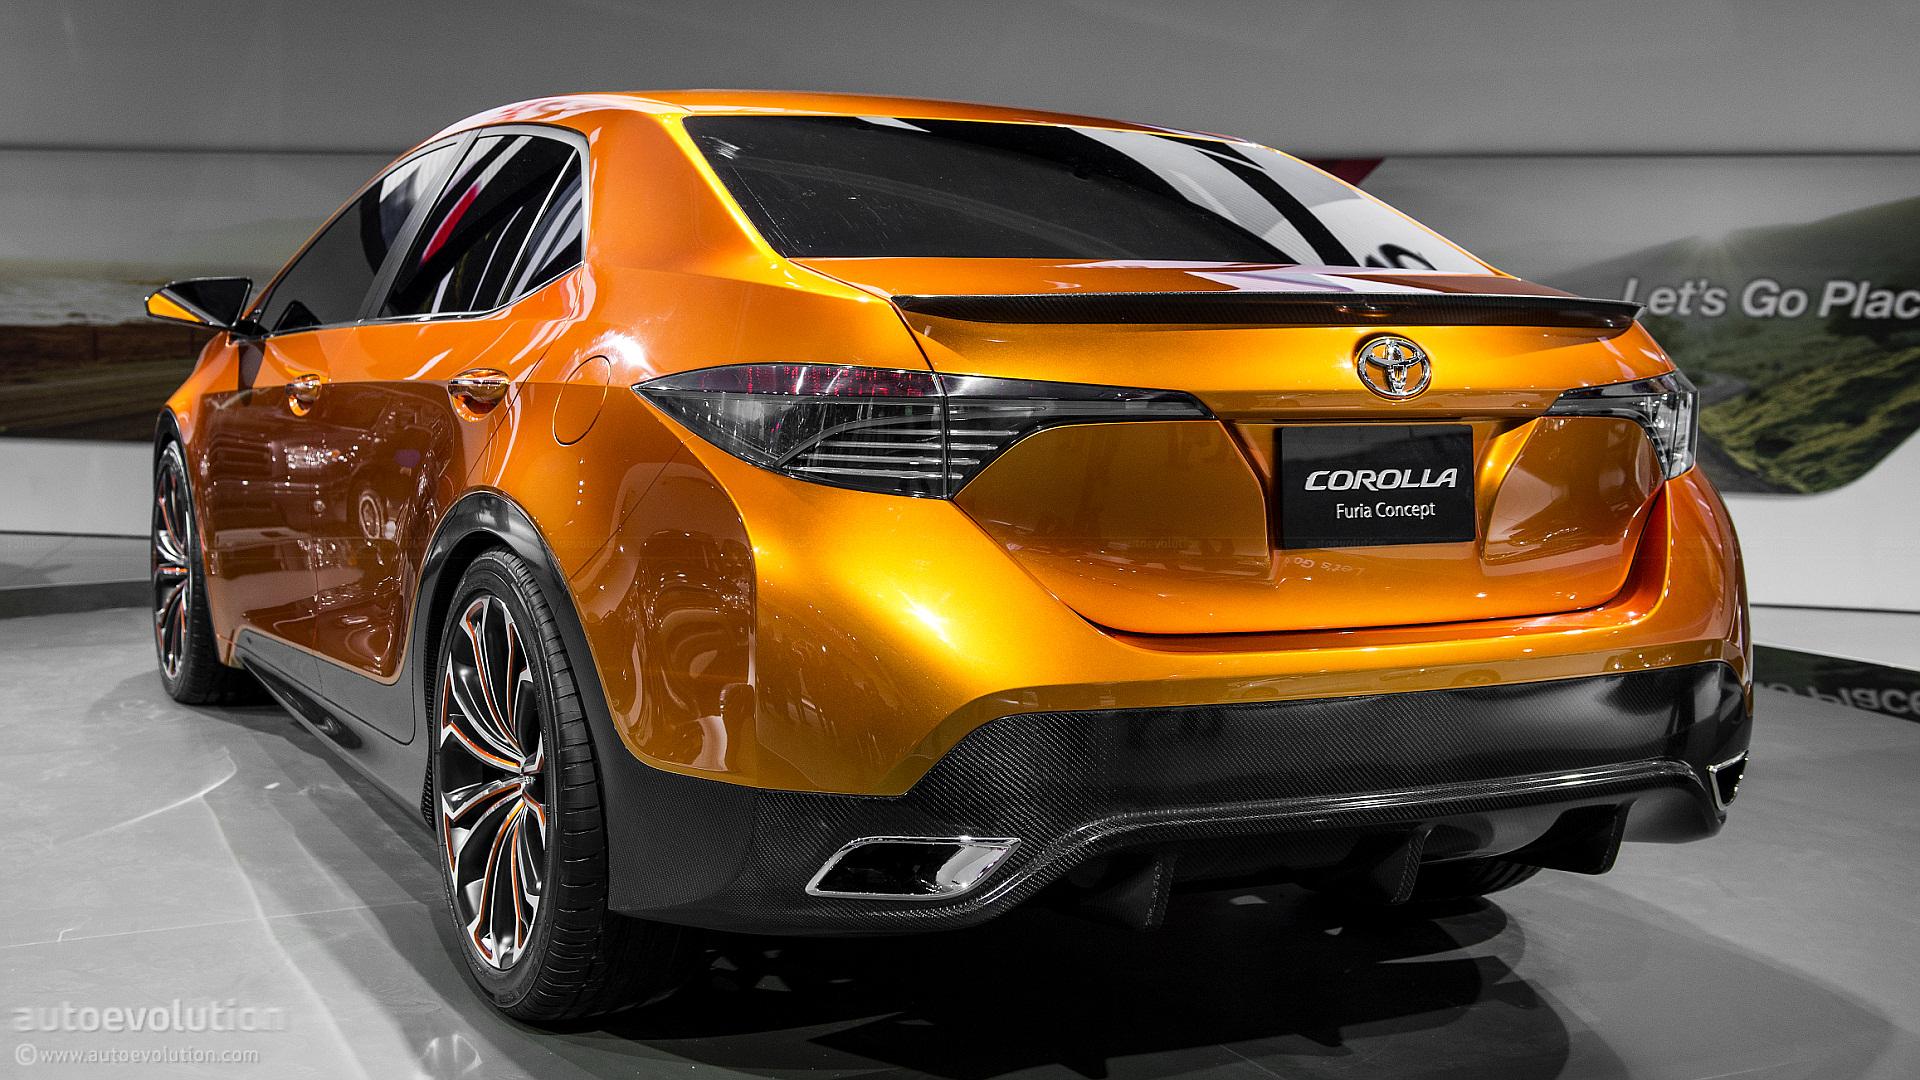 2013 Naias Toyota Corolla Furia Concept Live Photos